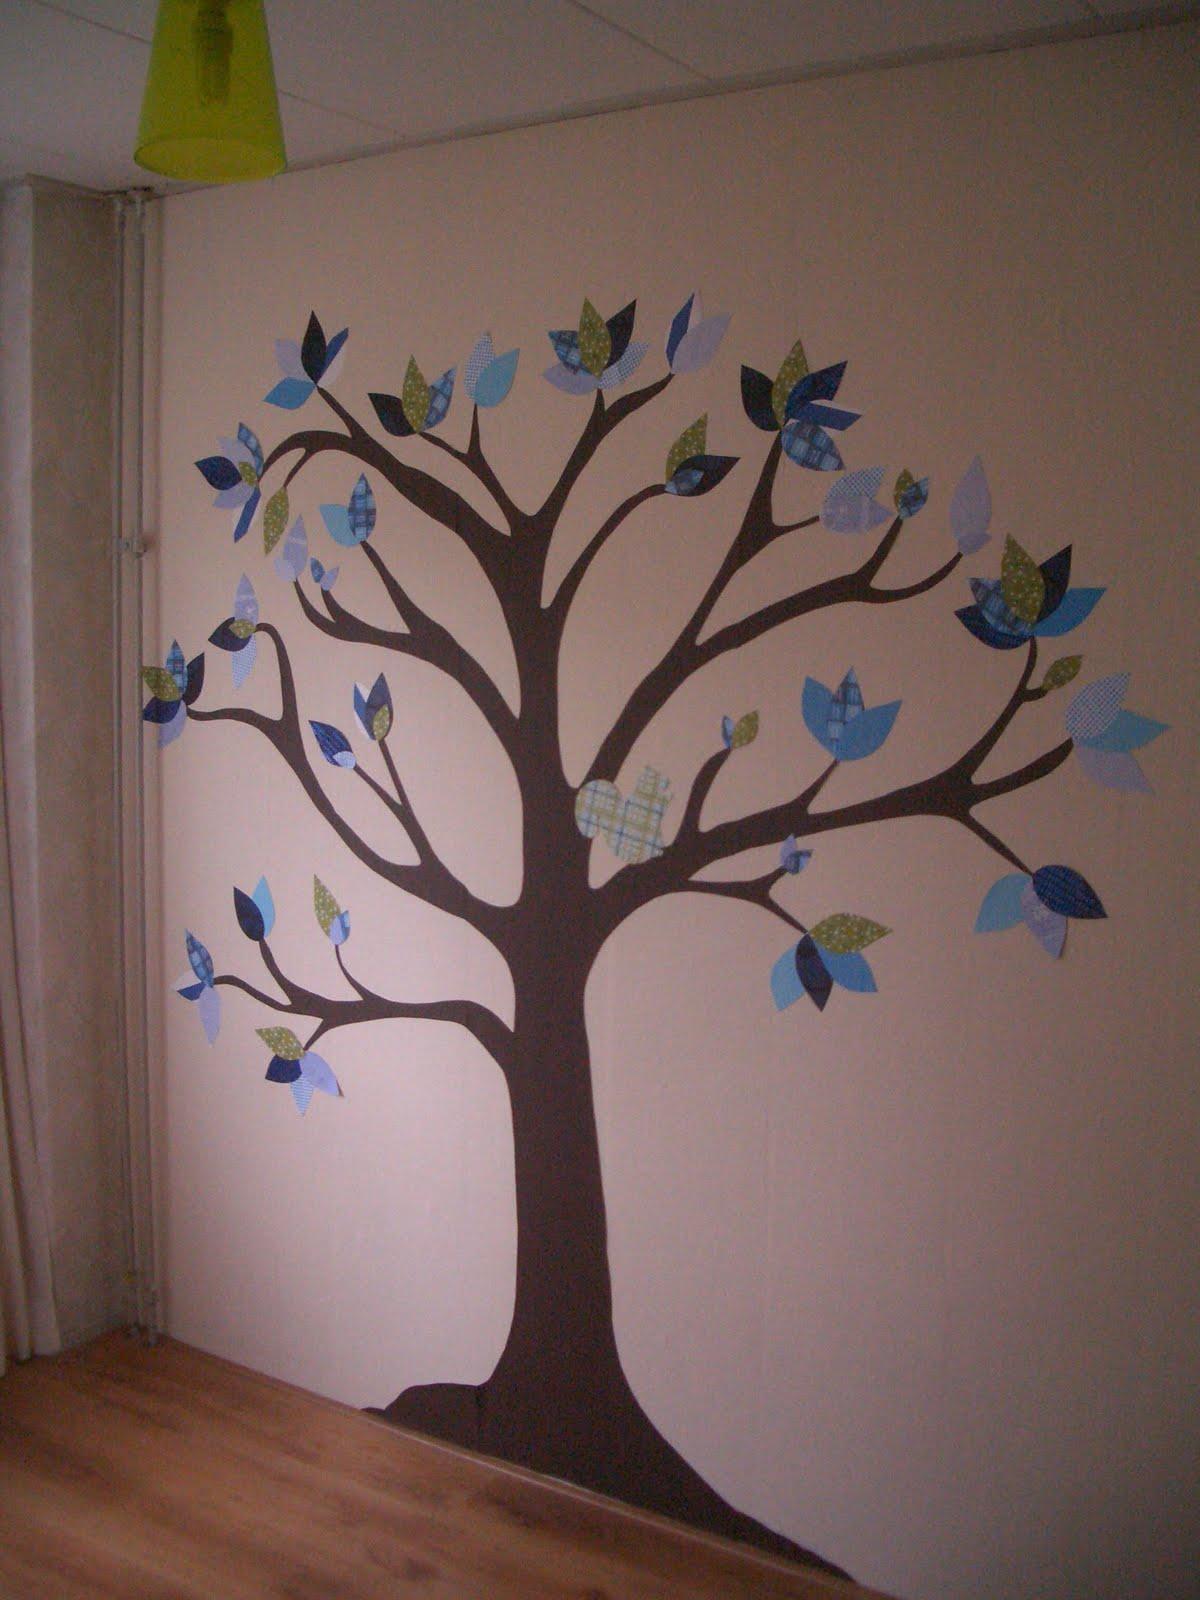 Magnolia paper scissors lekker creabea ietsje groter dan een kaart - Een houten boom maken ...